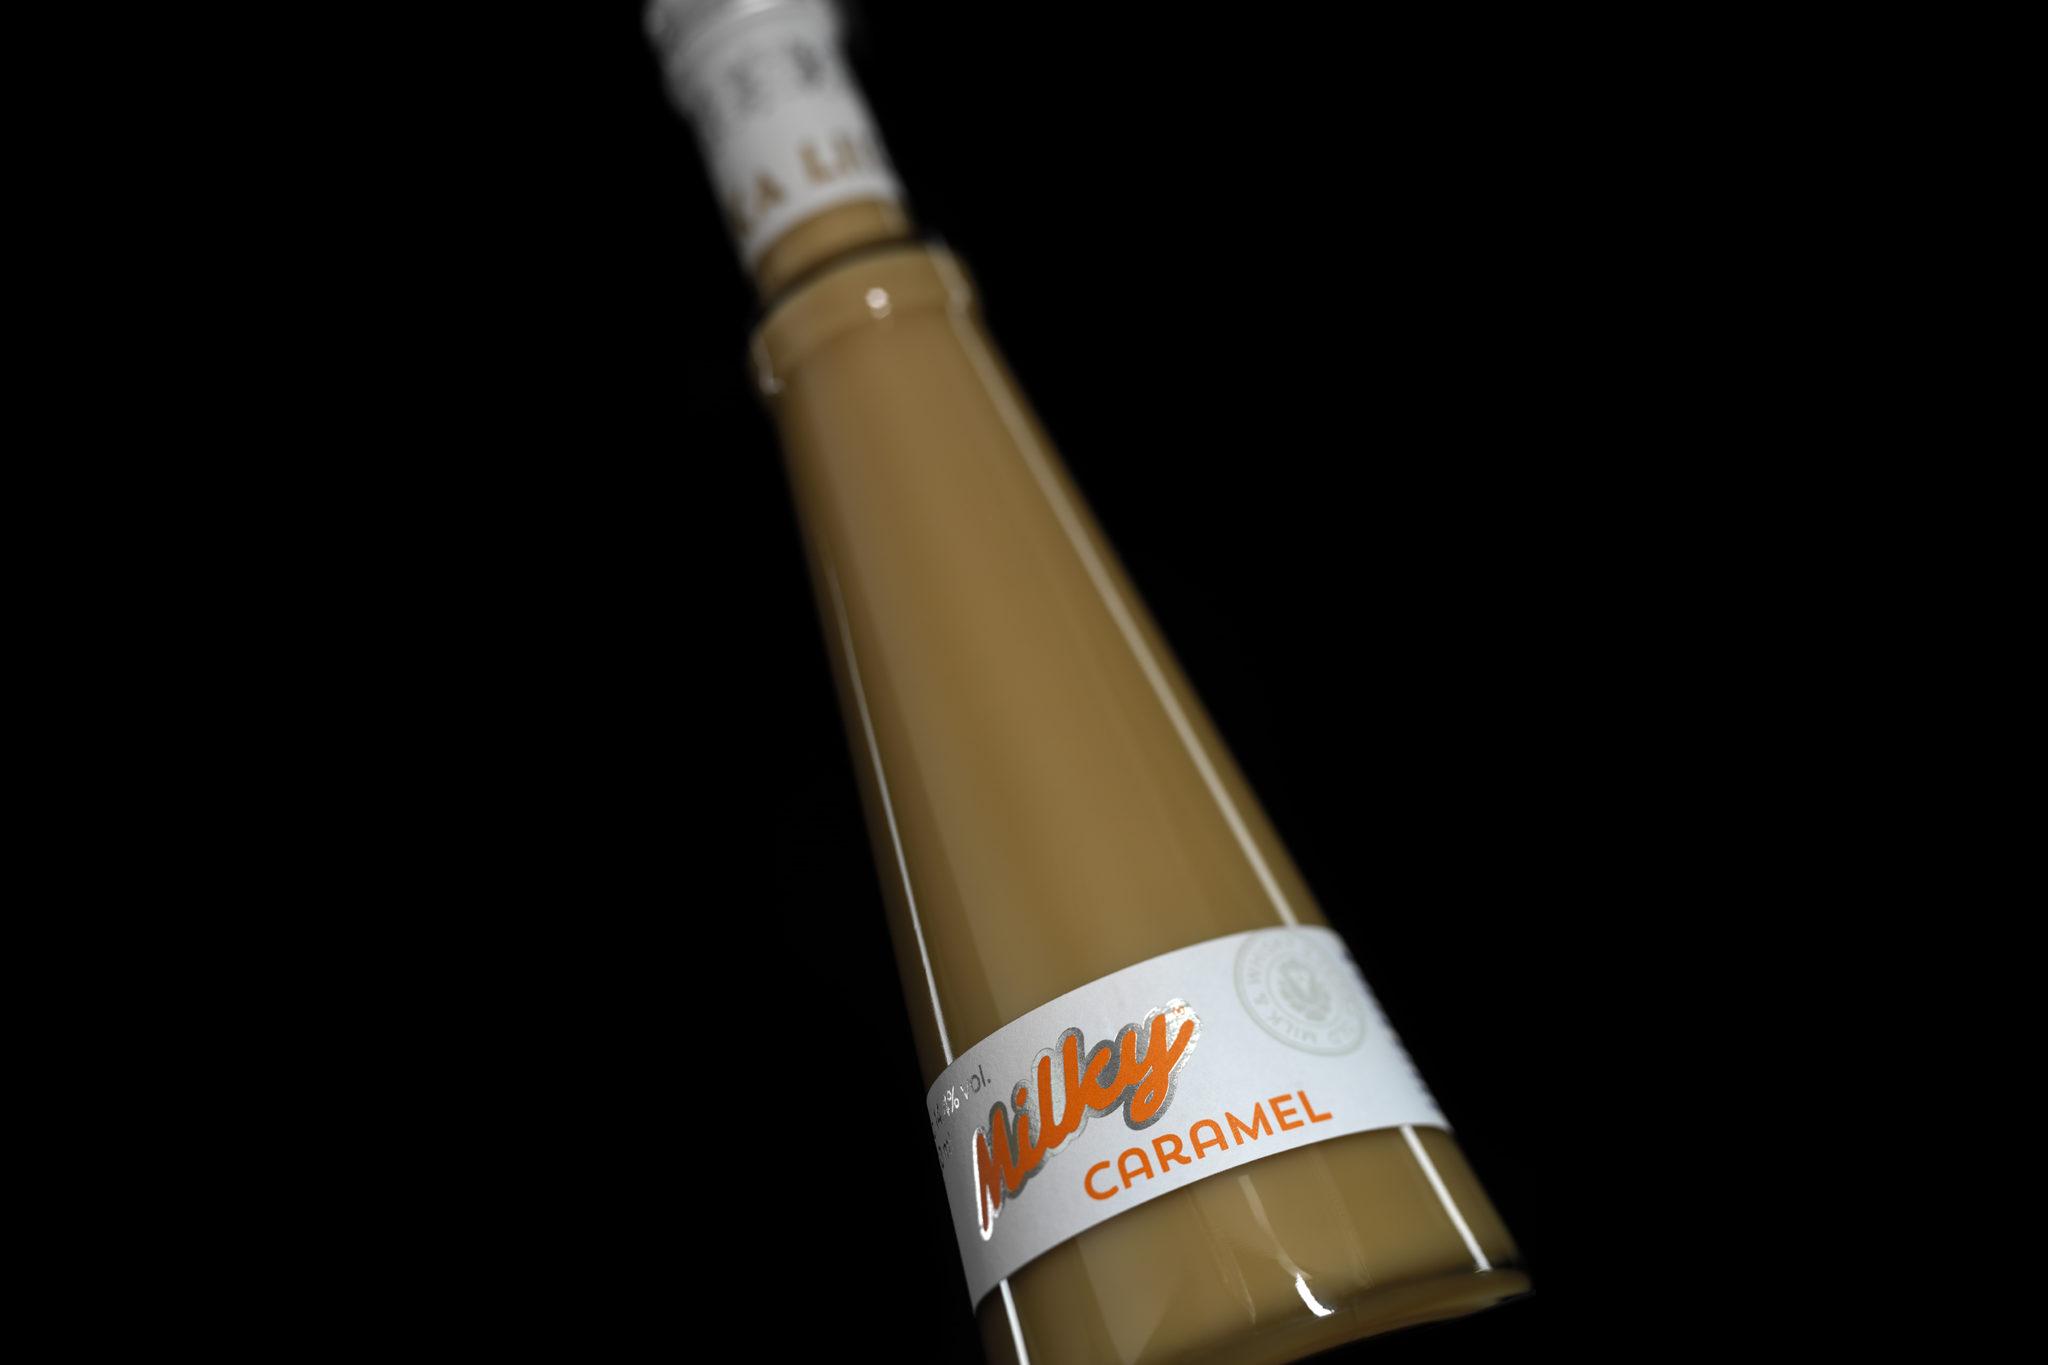 Karamelový Milky Caramel od výrobce Metelka likéry